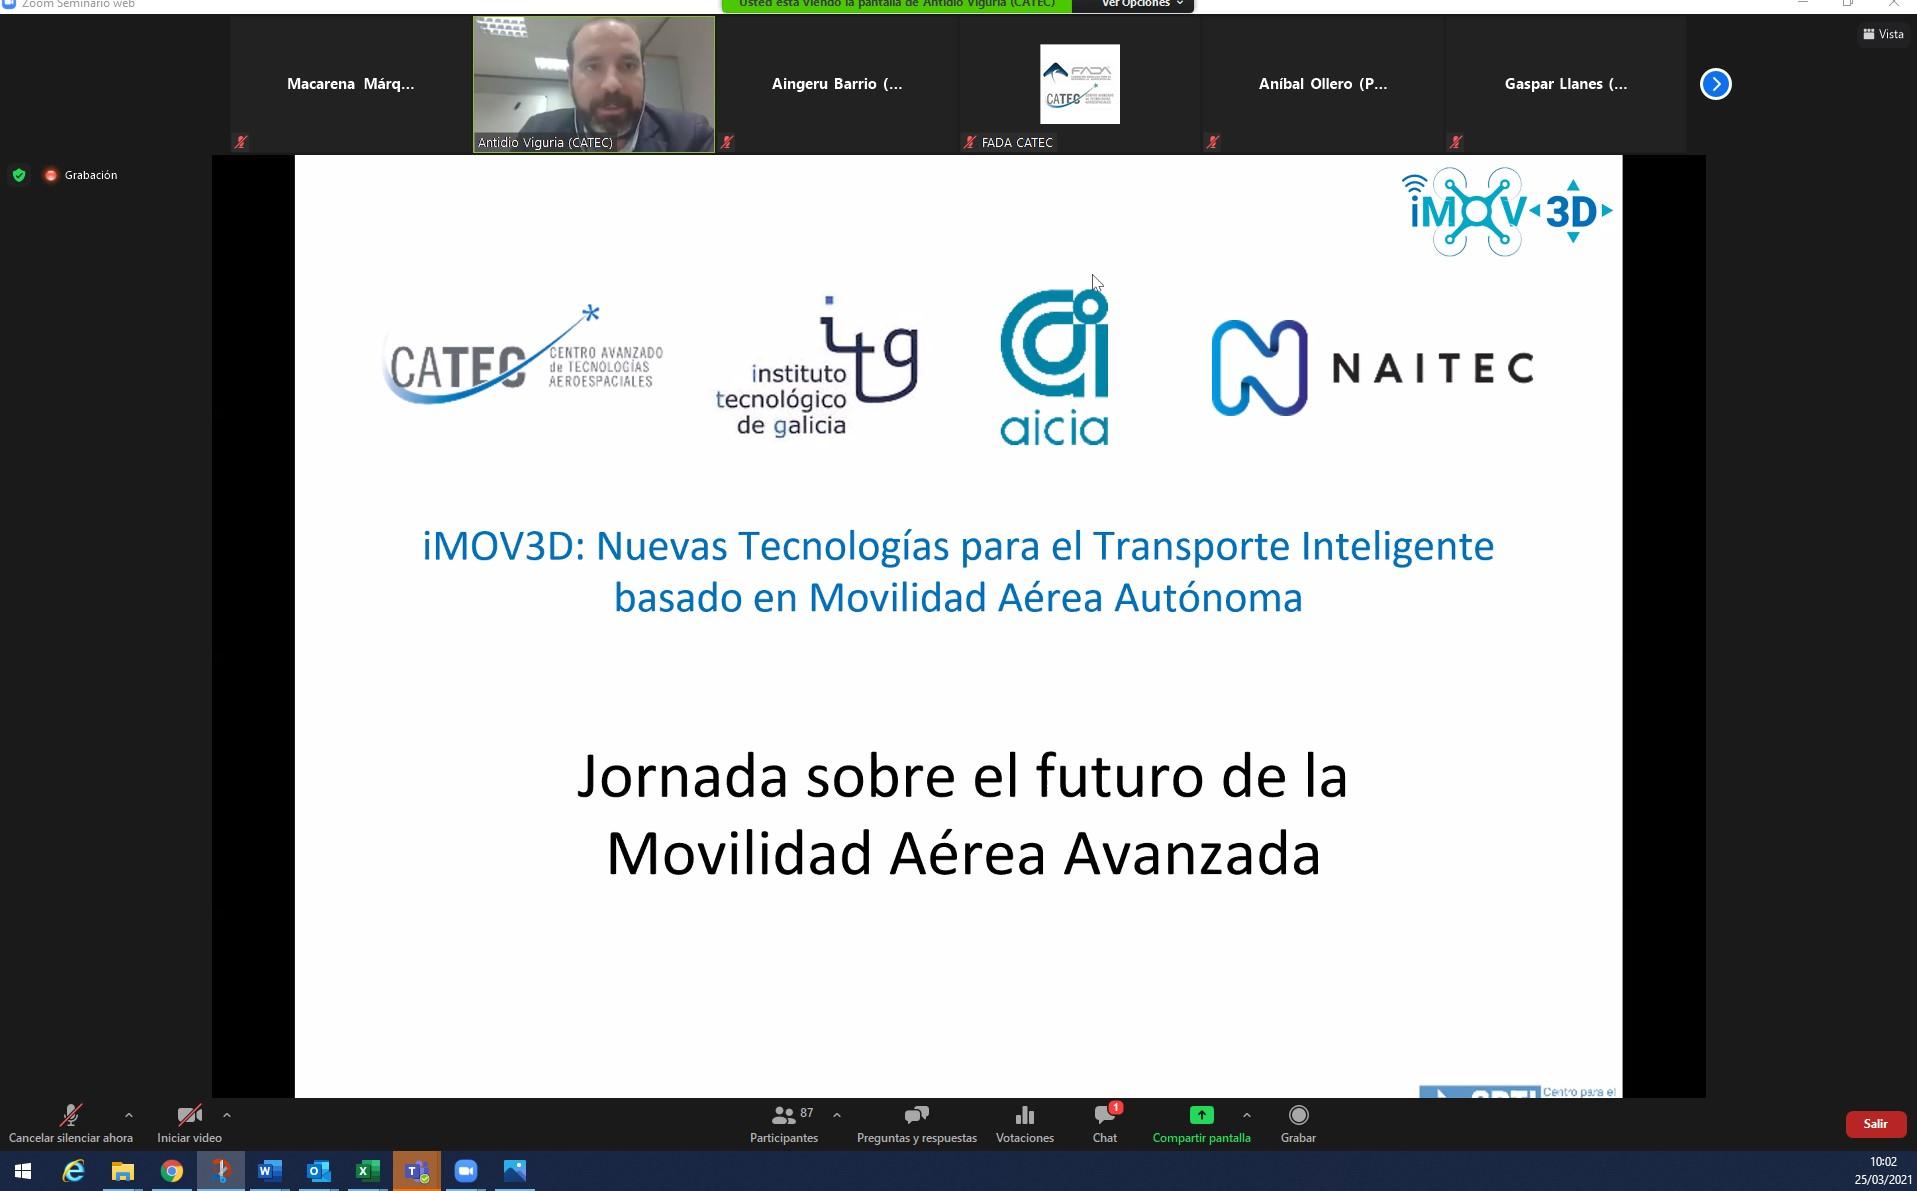 La agrupación iMOV3D presenta los últimos avances en el desarrollo de soluciones de movilidad aérea avanzada